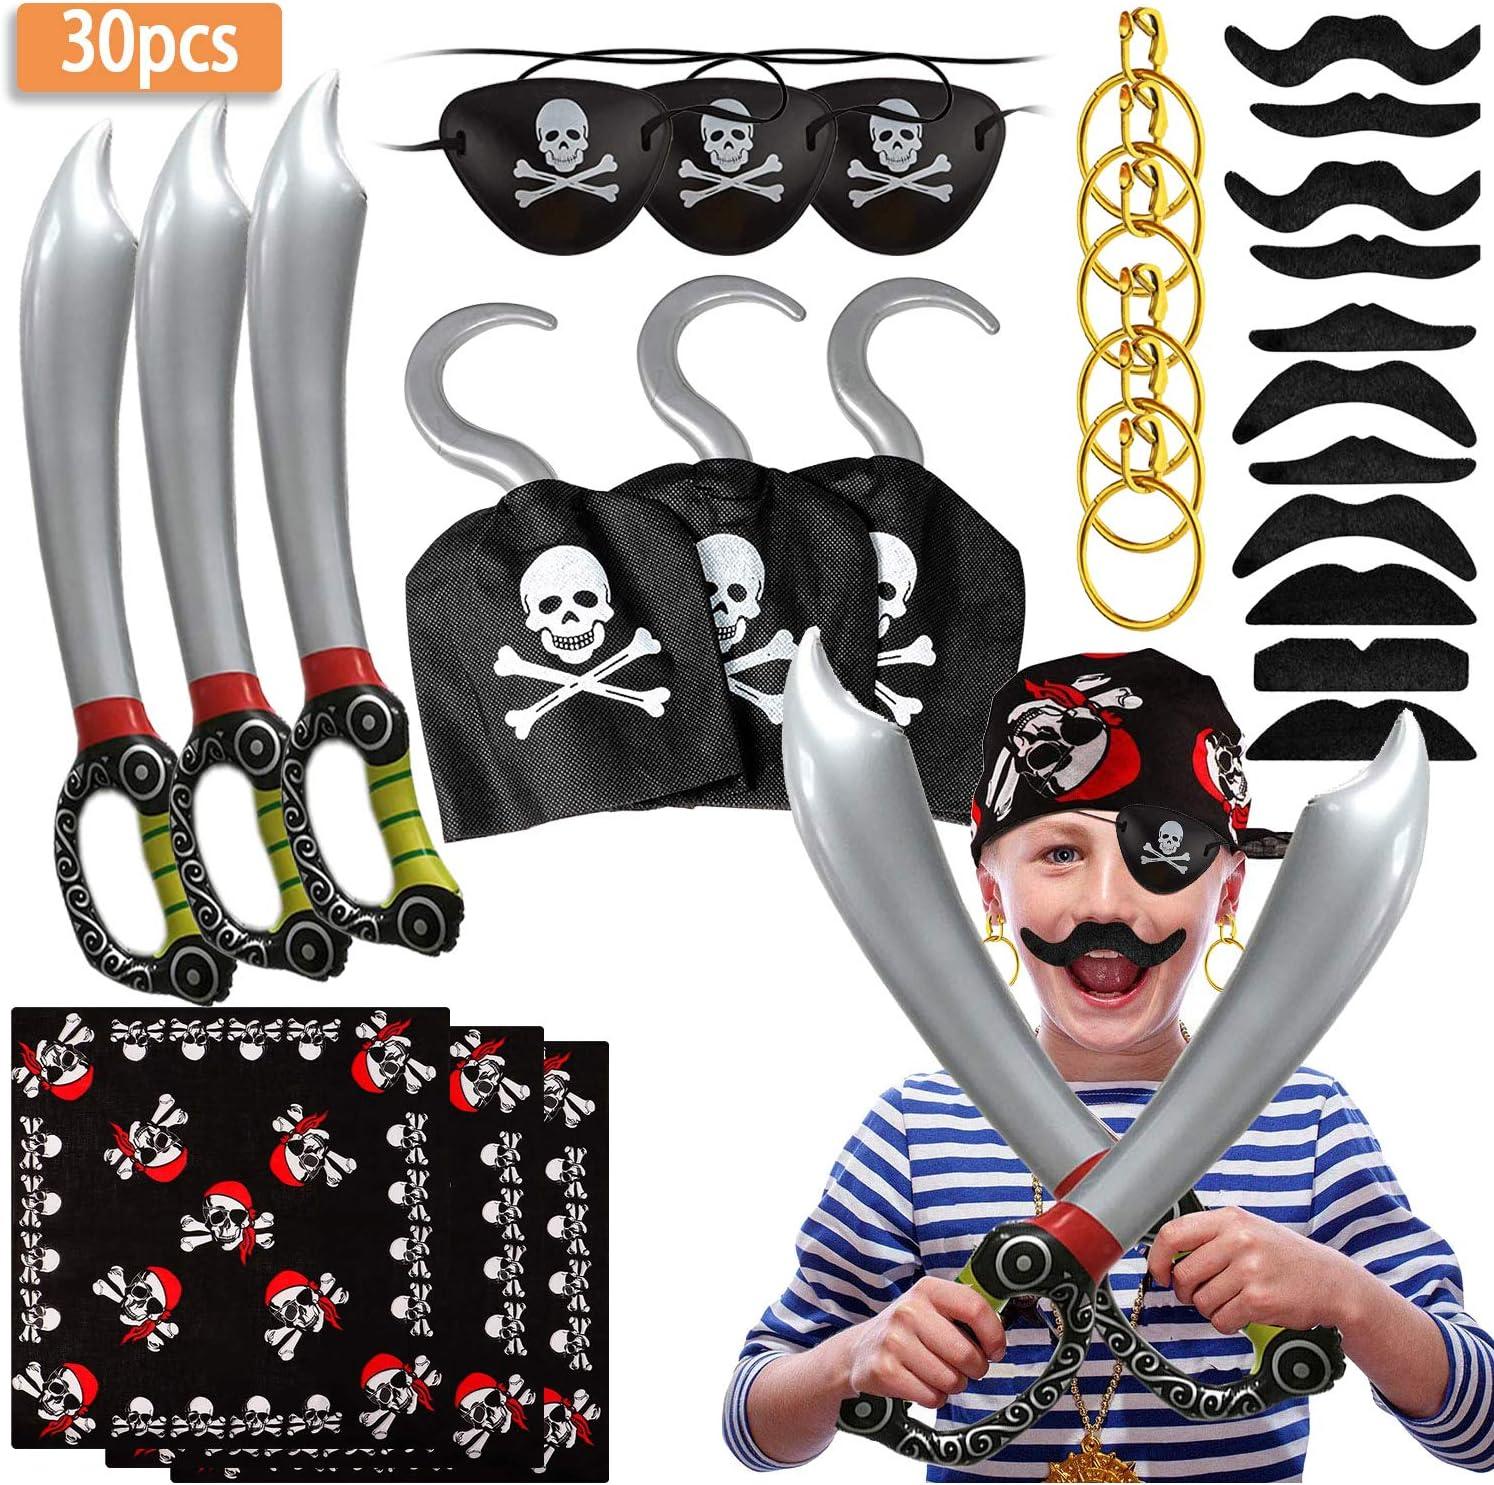 SPECOOL Accesorios de Pirata con Parche en el Ojo Pirata Pirata Espada Pendientes de Gancho de Pirata Conjunto Falso Bigote Pirata capitán Traje Conjunto para niños